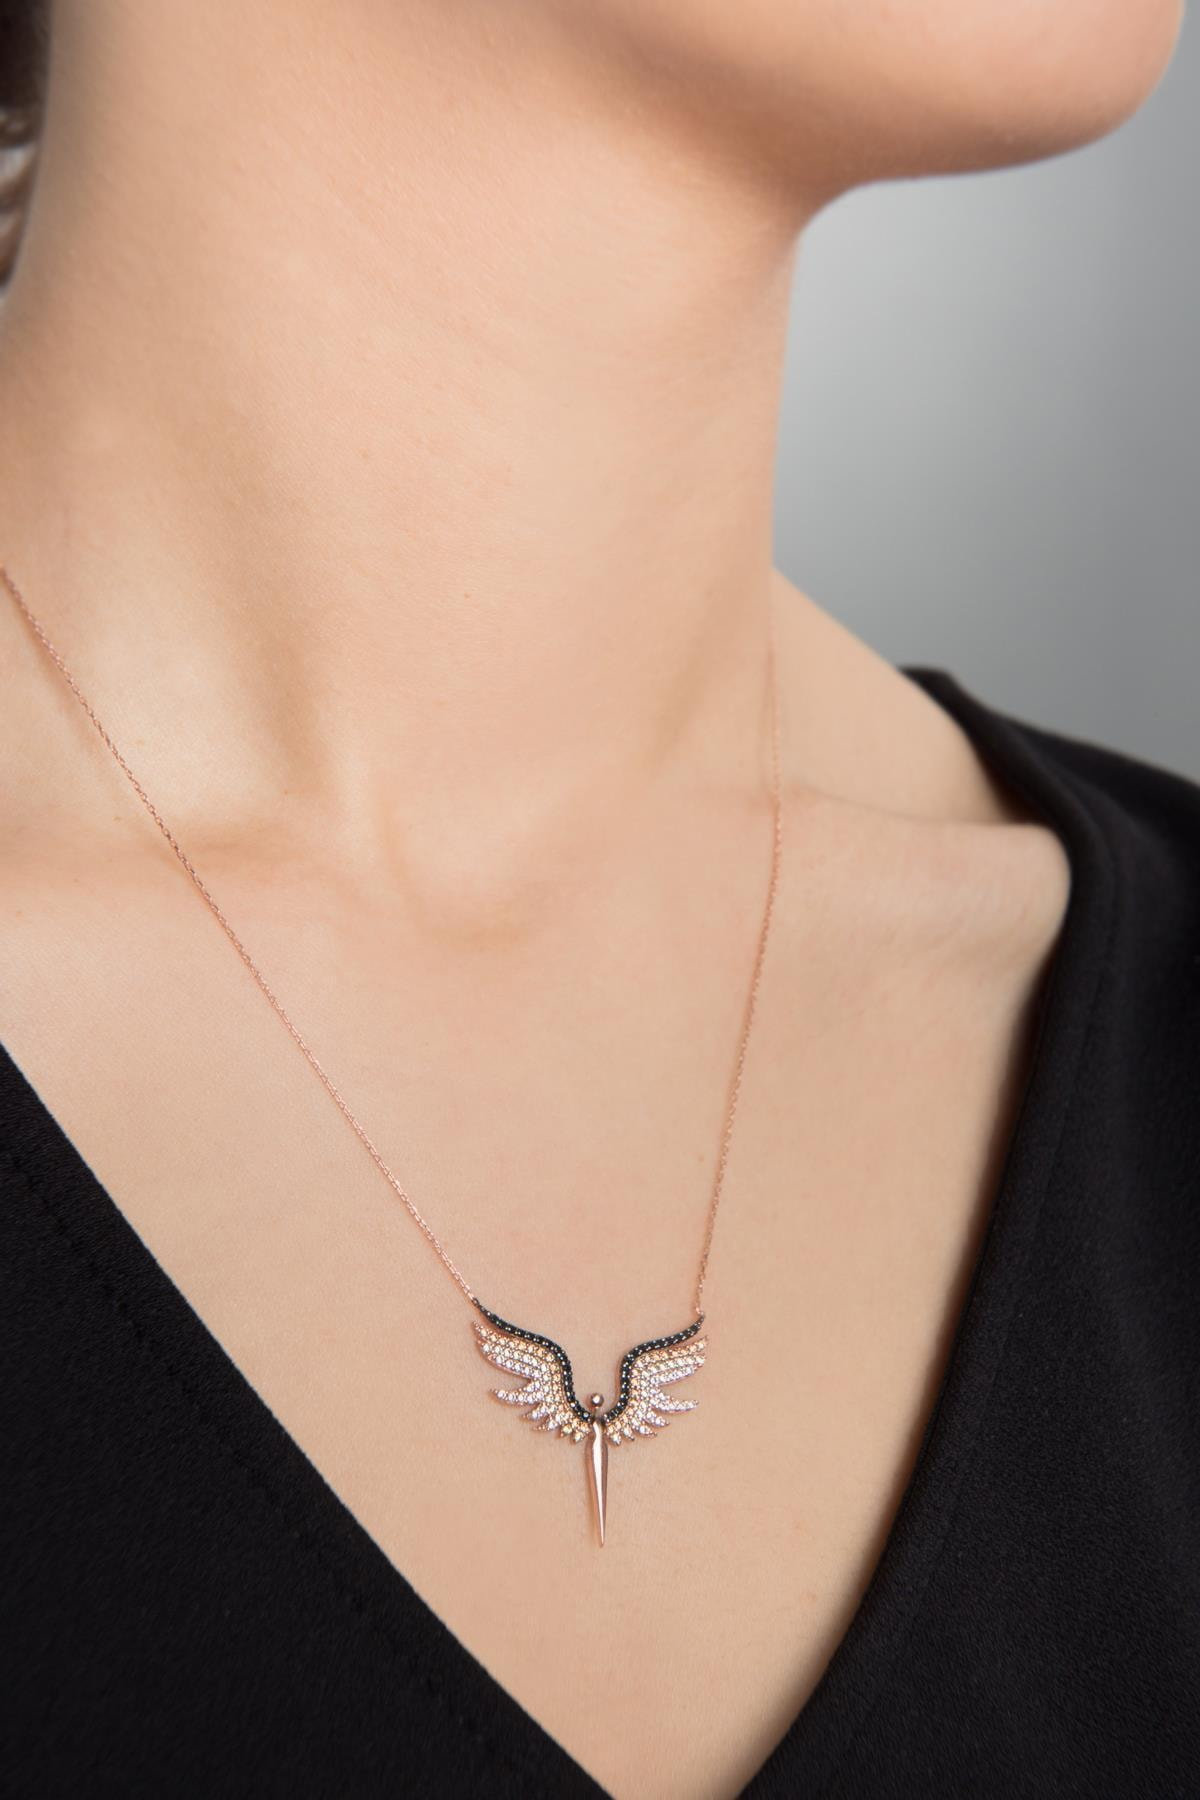 Elika Silver Kadın Melek Model Zirkon Taşlı 925 Ayar Gümüş Kolye PP2346 1